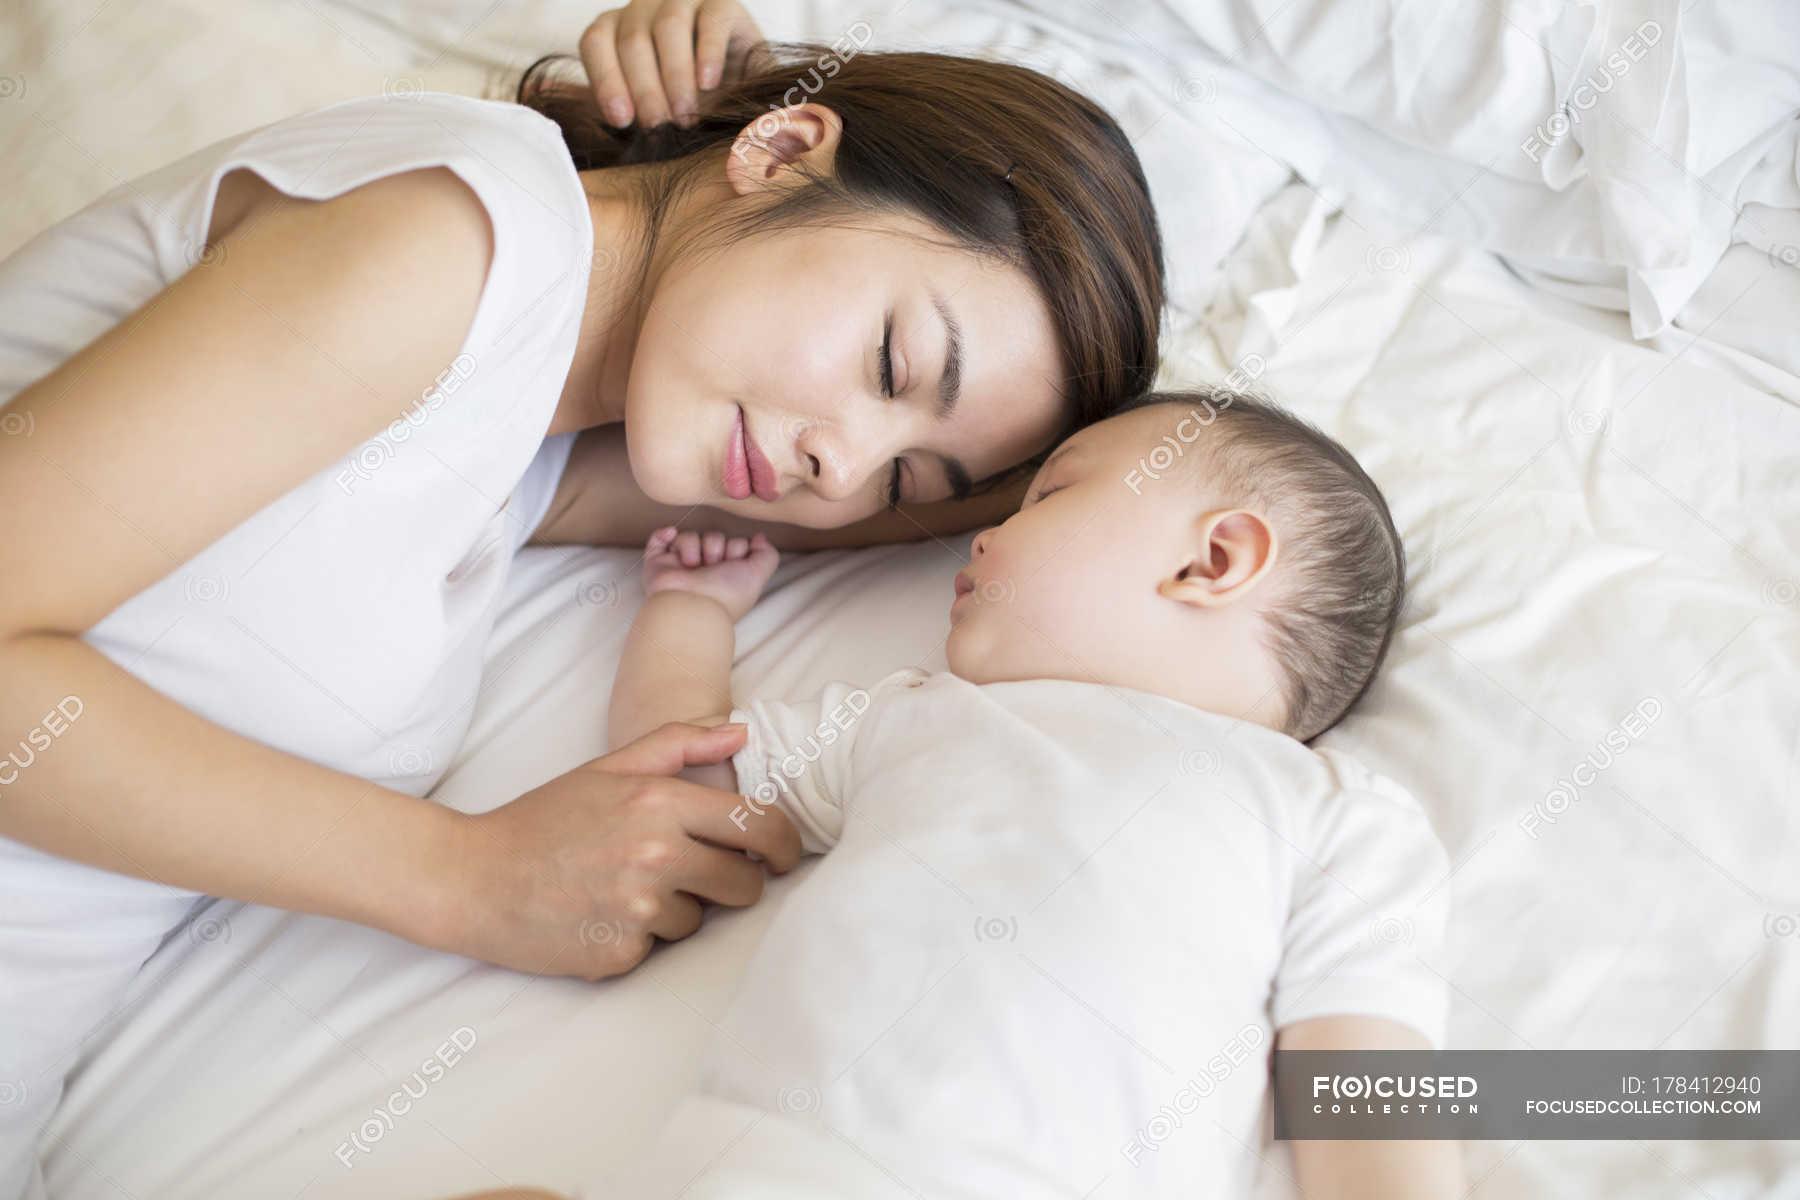 Секс мамы с сыном в спальне, Реальное русское онлайн видео секса матери с сыном 15 фотография